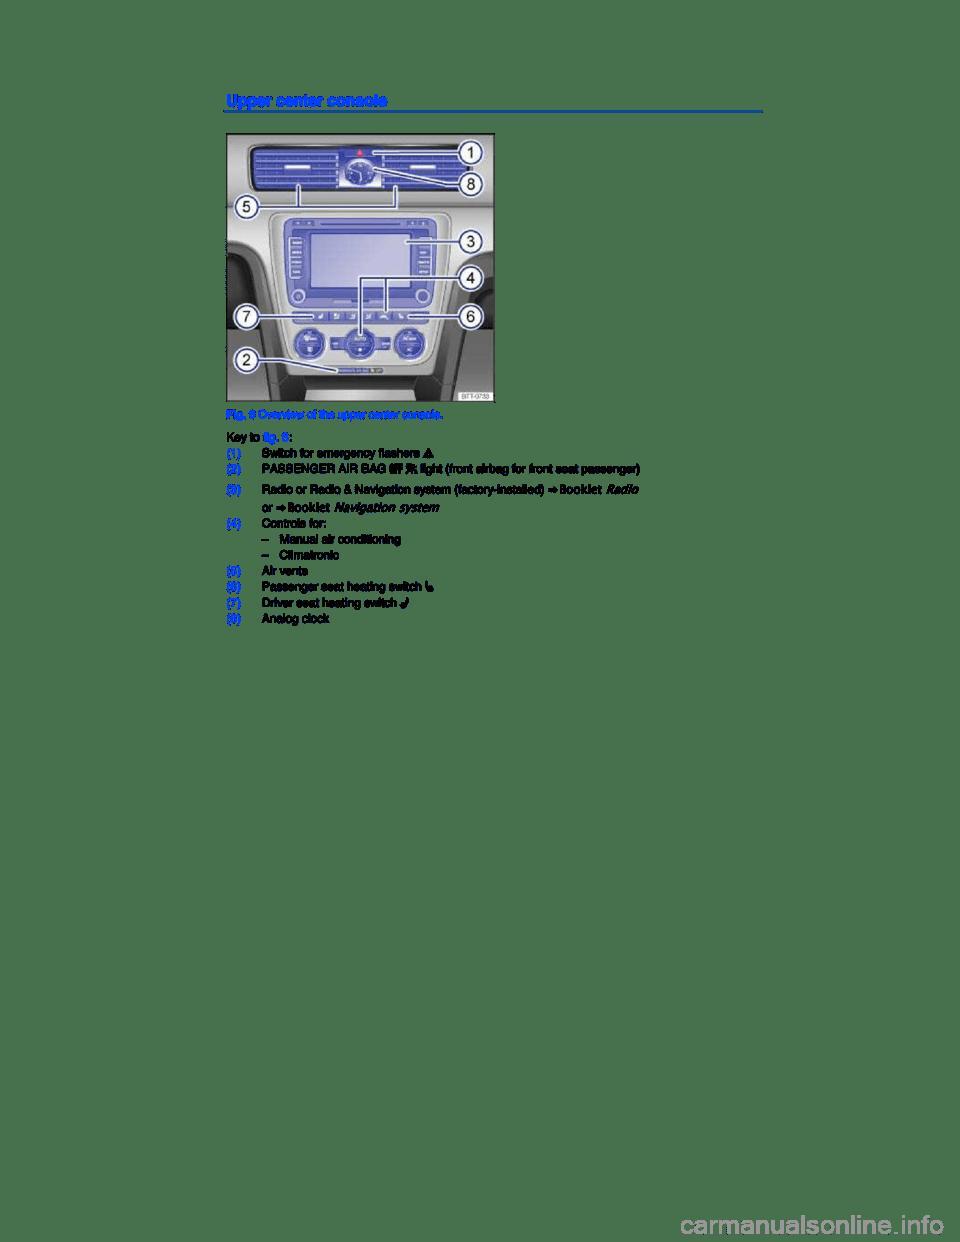 VOLKSWAGEN PASSAT 2015 B8 / 6.G Owners Manual